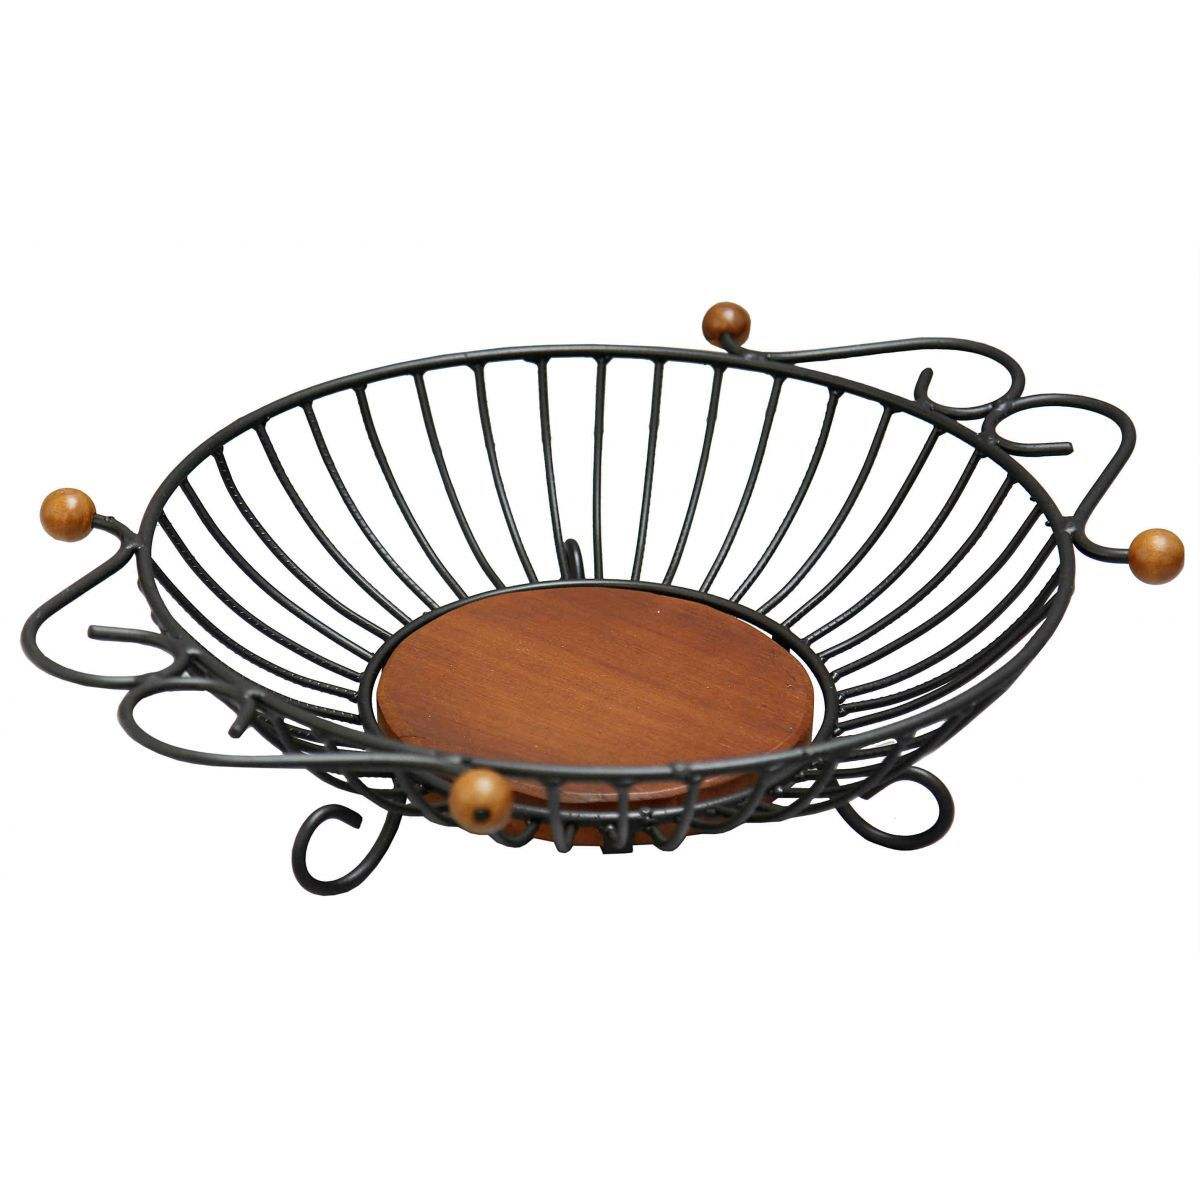 Fruteira de Mesa Redonda Artesanal em Ferro e Madeira Rústica Decorativa